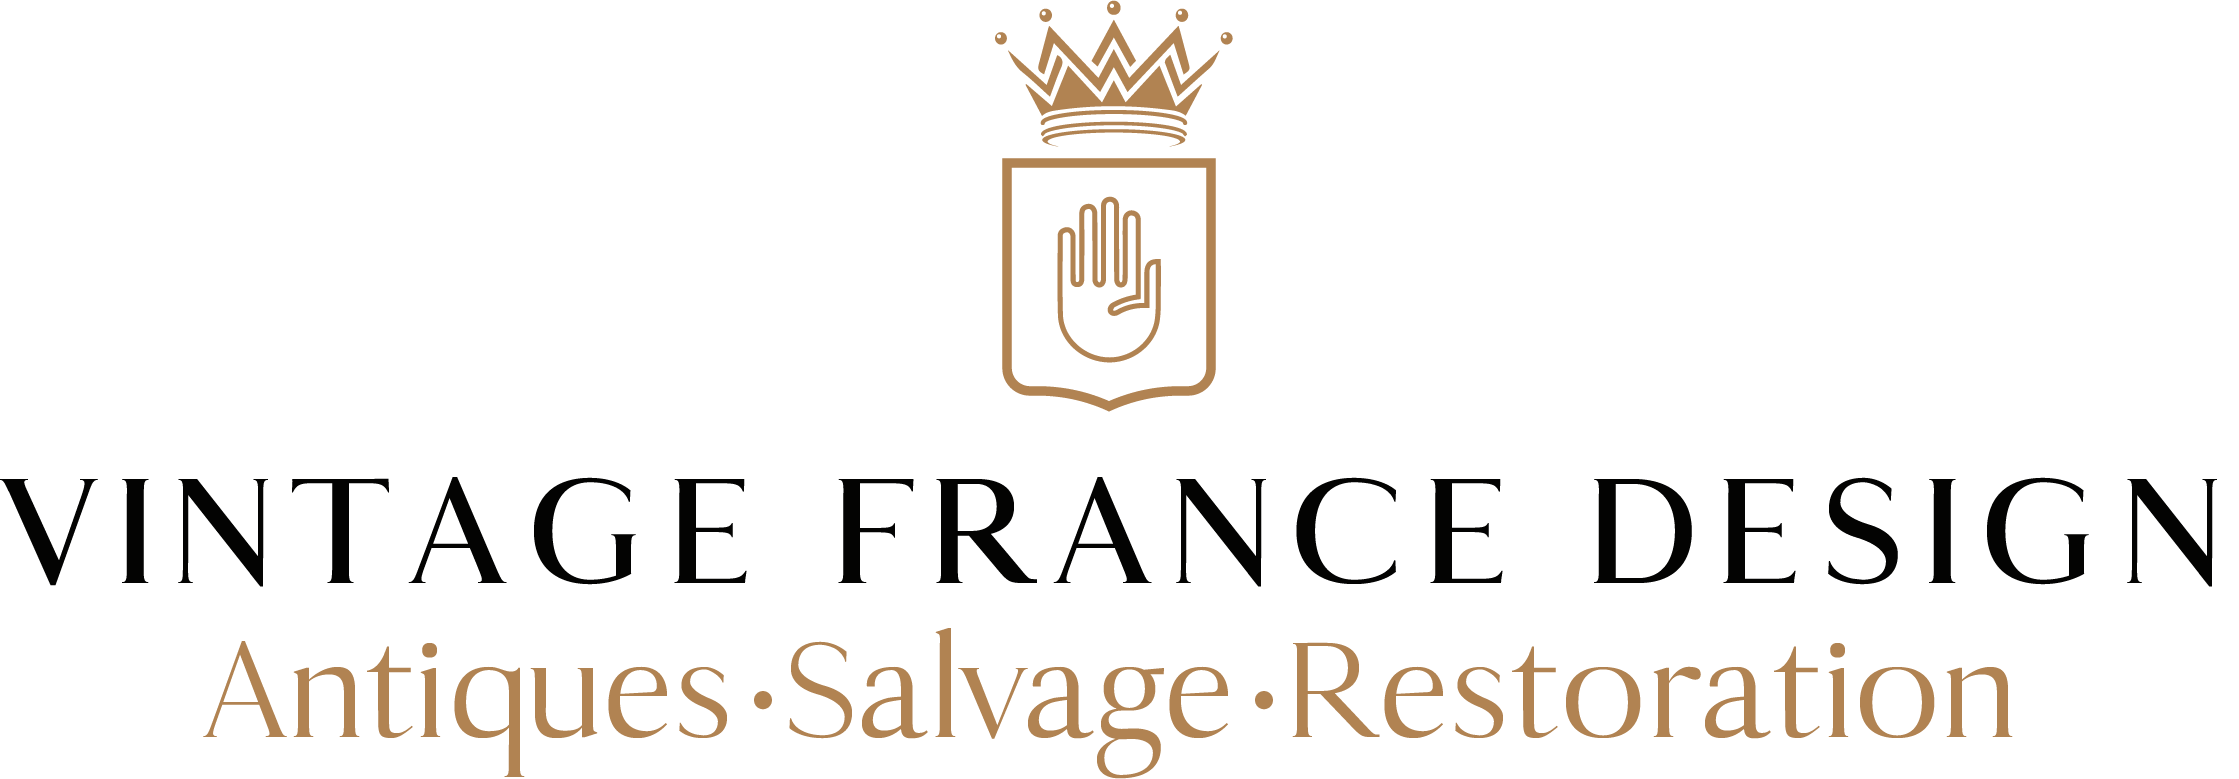 Vintage France Design Limited